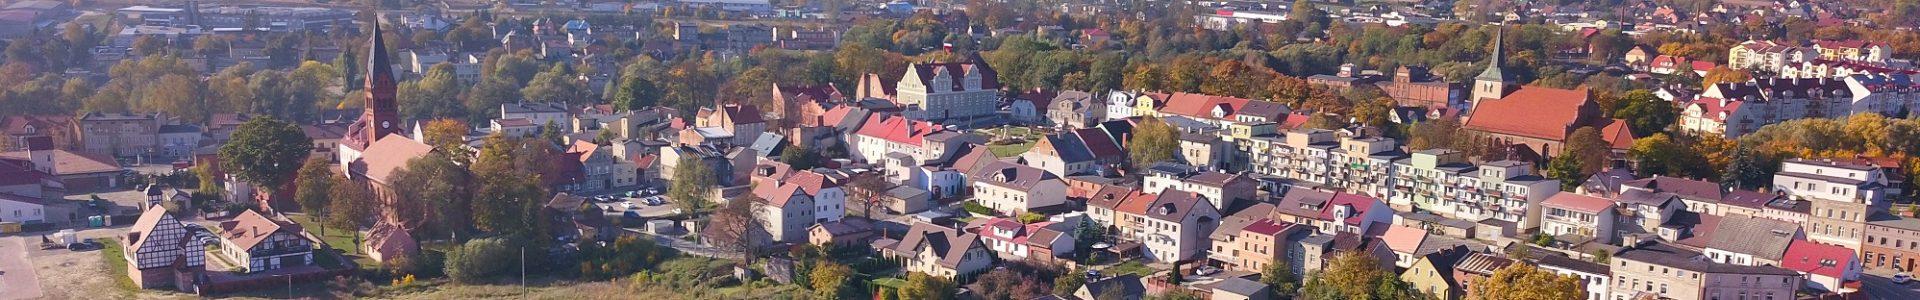 Gminne Wodociągi i Kanalizacja Sp. z o.o. w Skarszewach